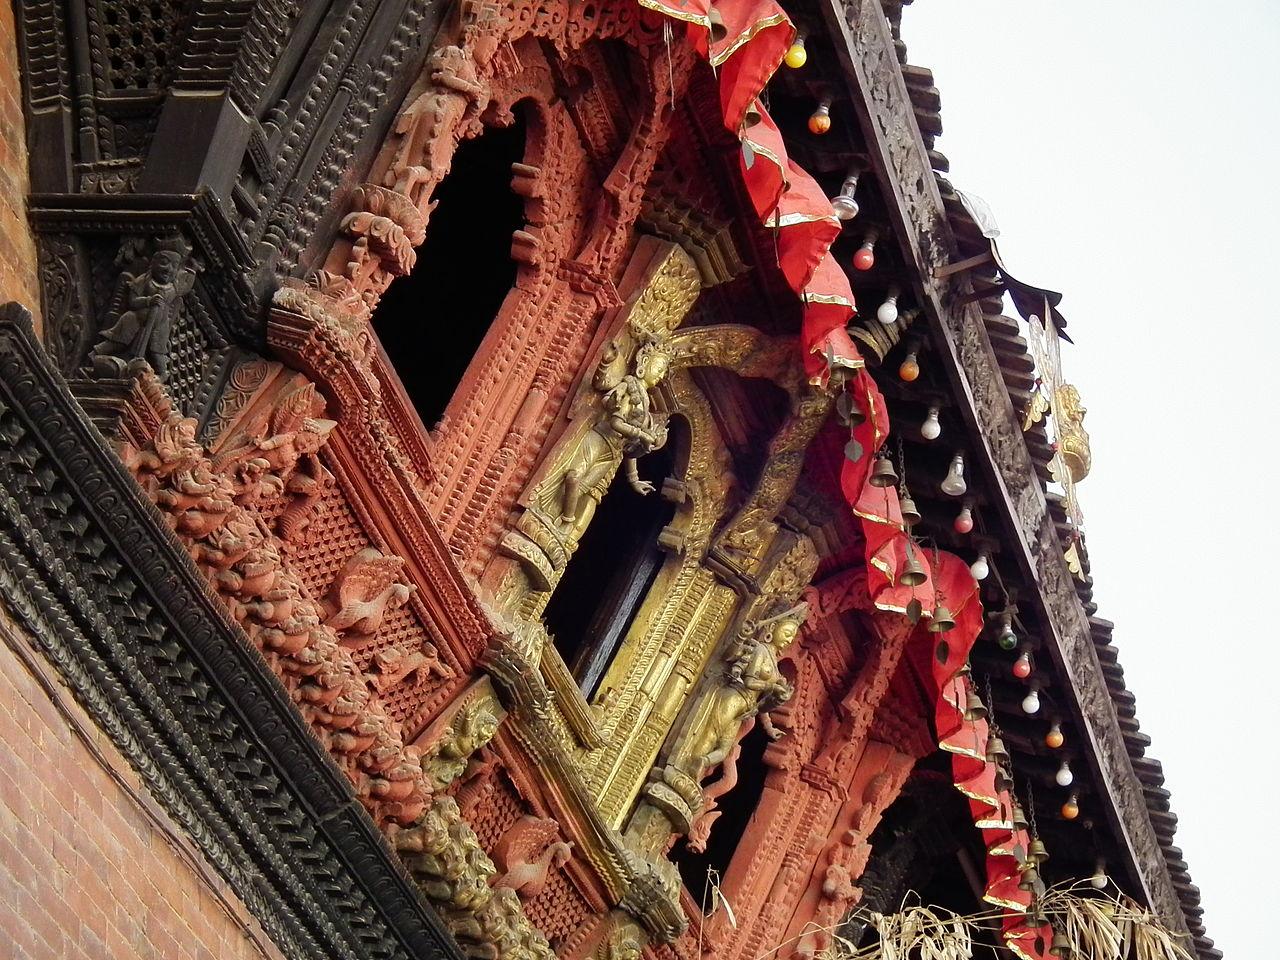 Basantapur_Kathmandu_Nepal_(8529337106).jpg